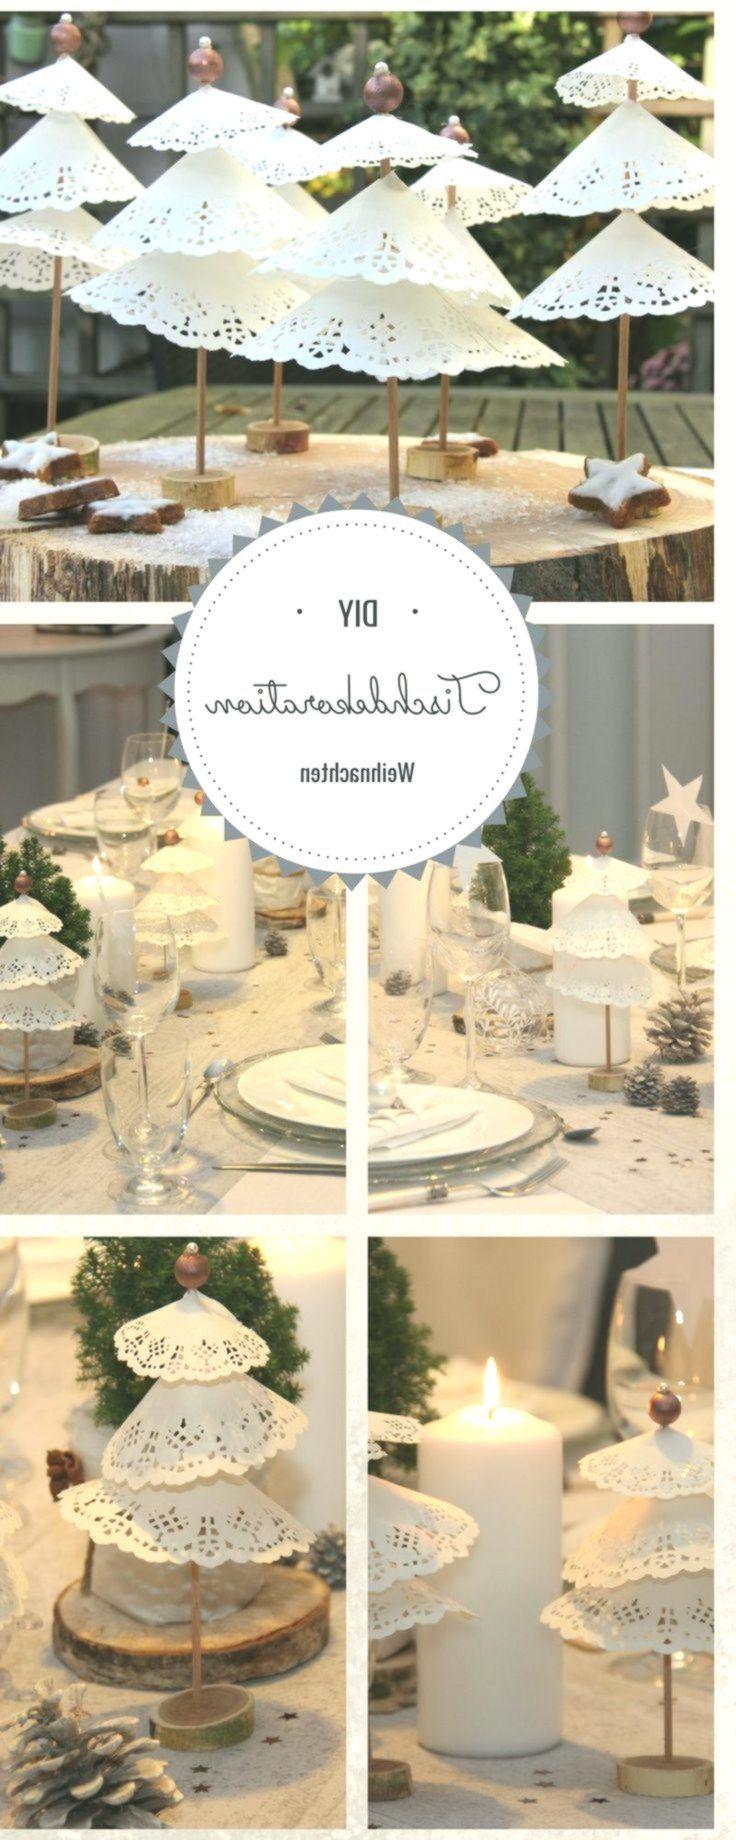 Weihnachtliche Tischdekoration mit Tortenspitzenbäumchen #fensterbank